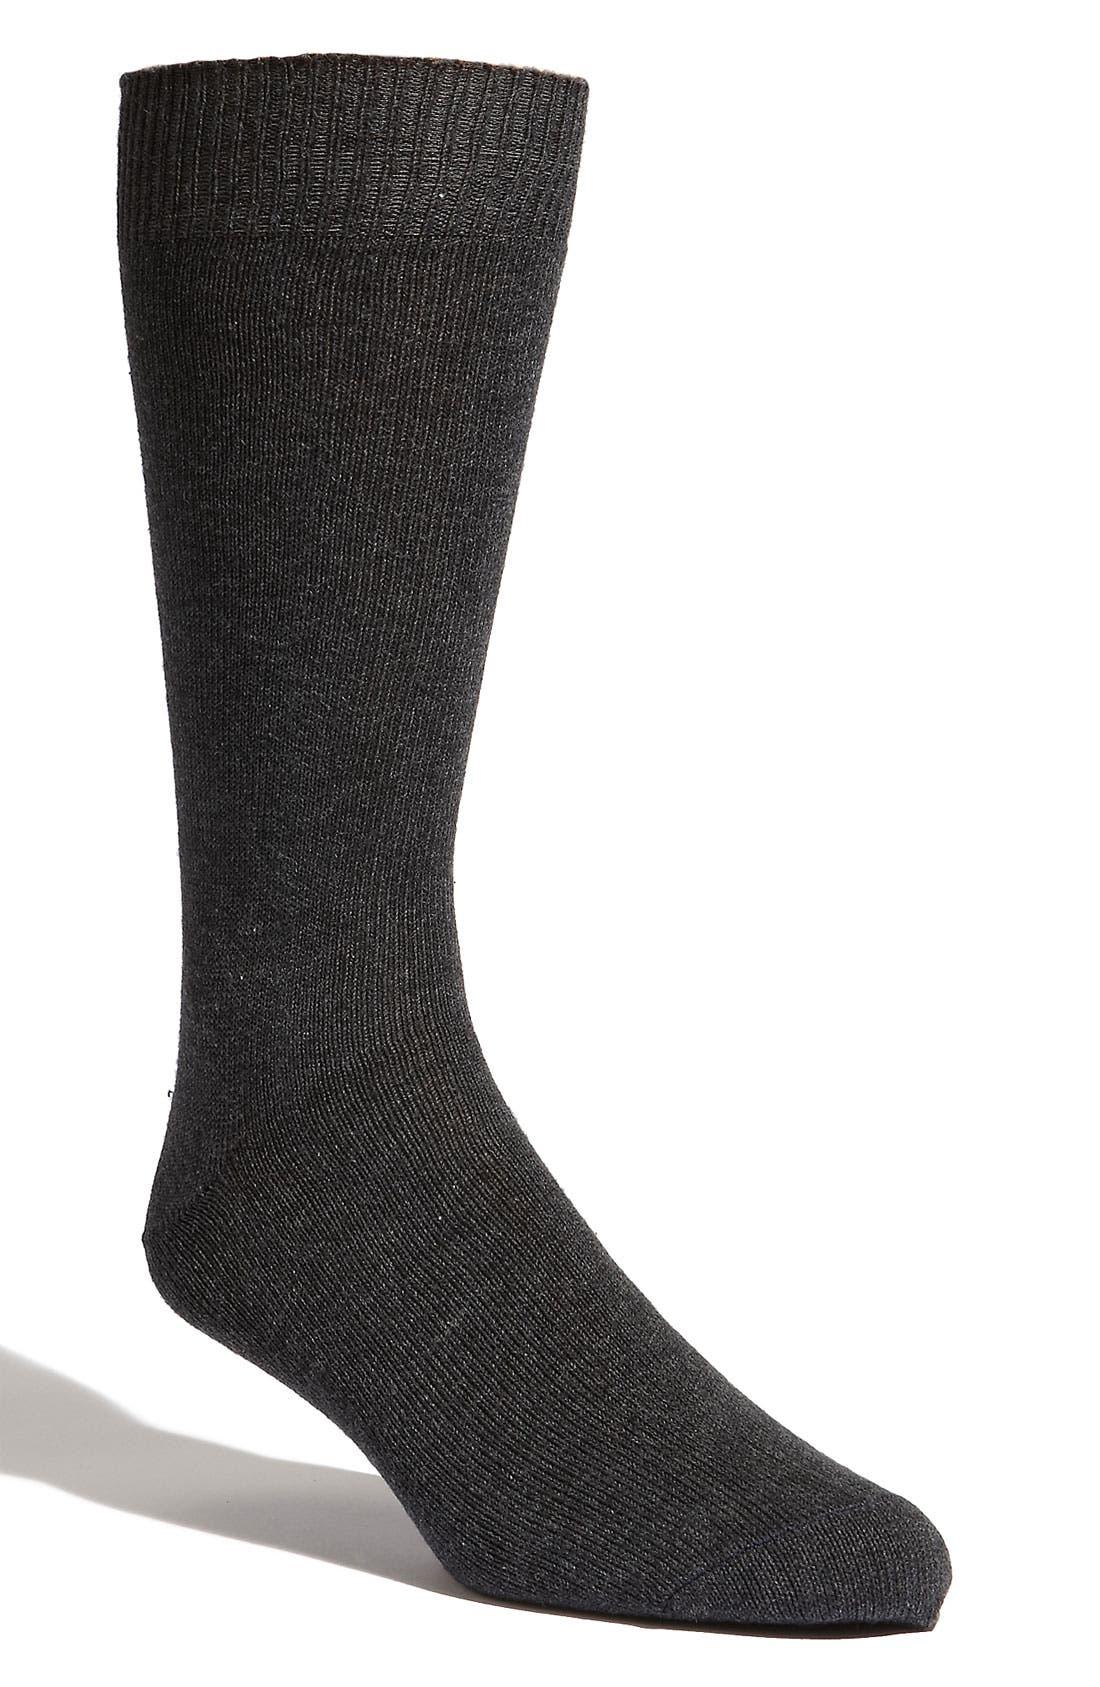 Alternate Image 1 Selected - Lorenzo Uomo 'Giza' Socks